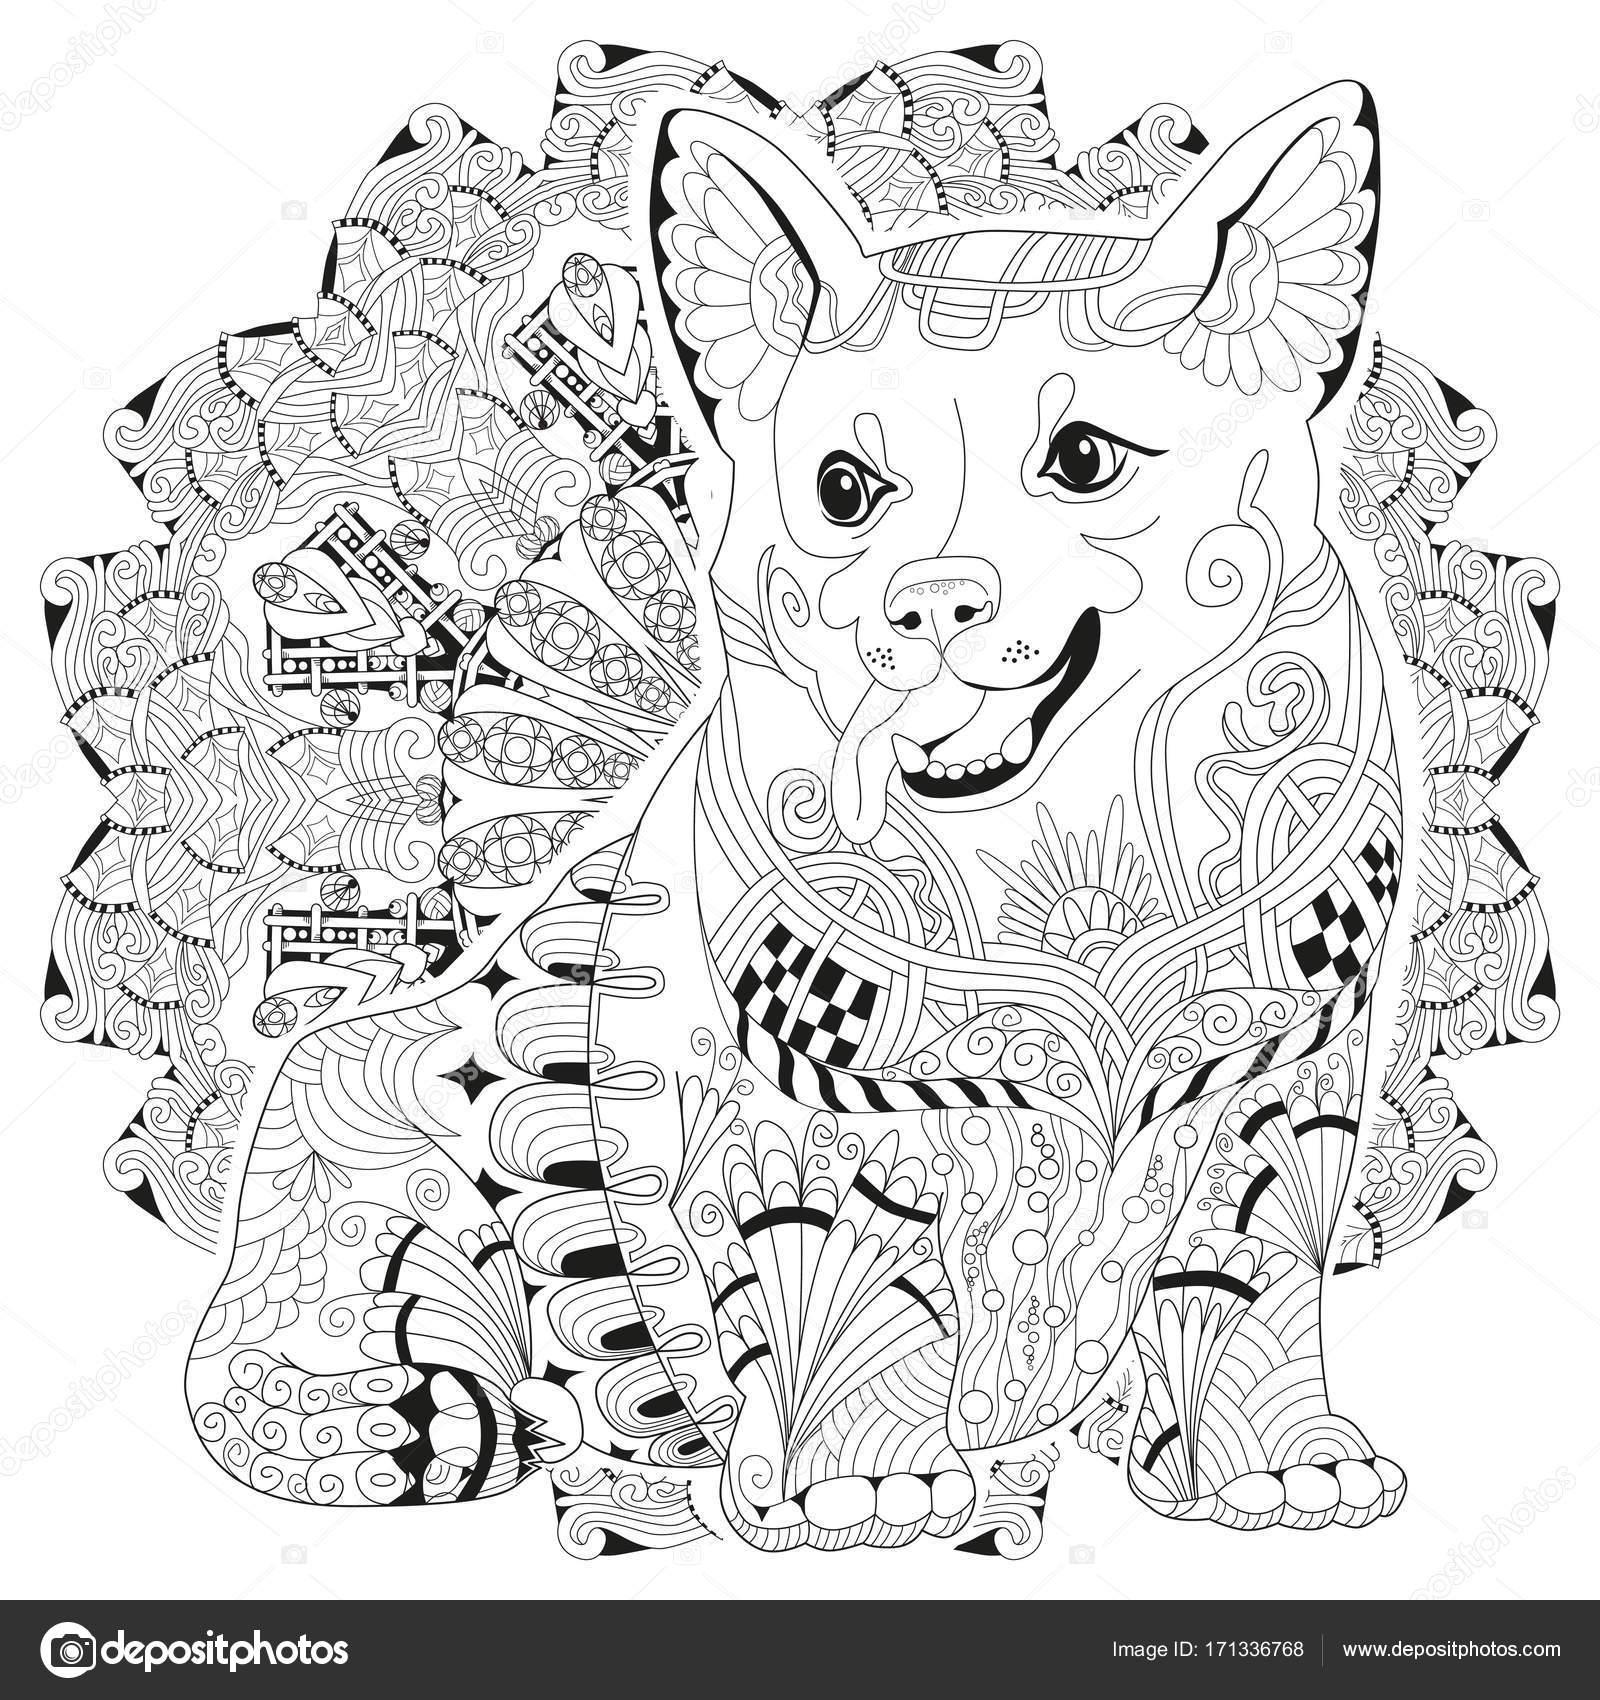 Kleurplaten Mandala Hond.Mandala Met Hond Om In Te Kleuren Decoratieve Zentangle